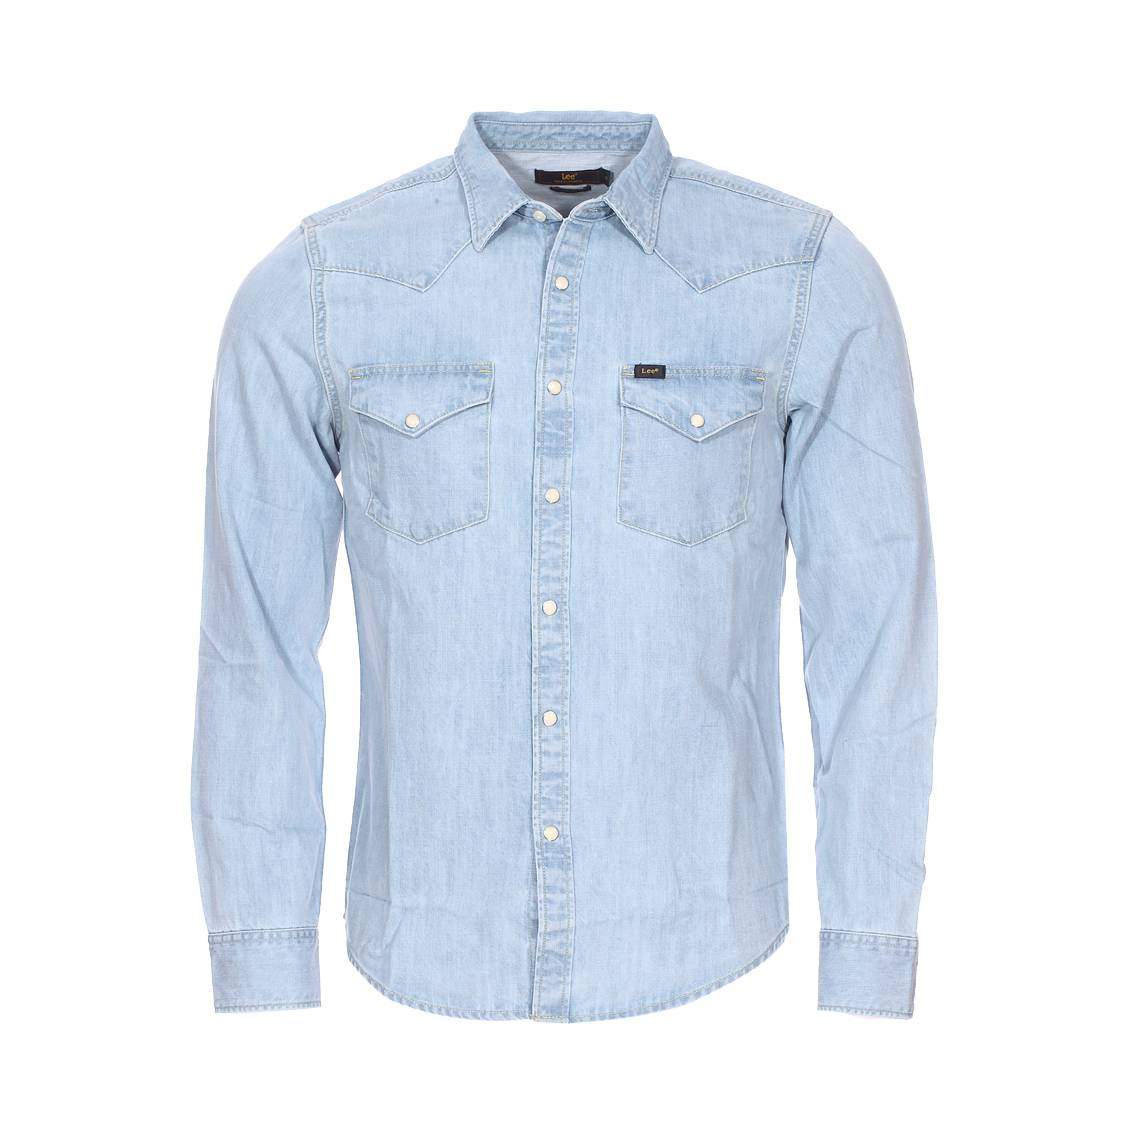 Chemise  en coton bleu clair denim